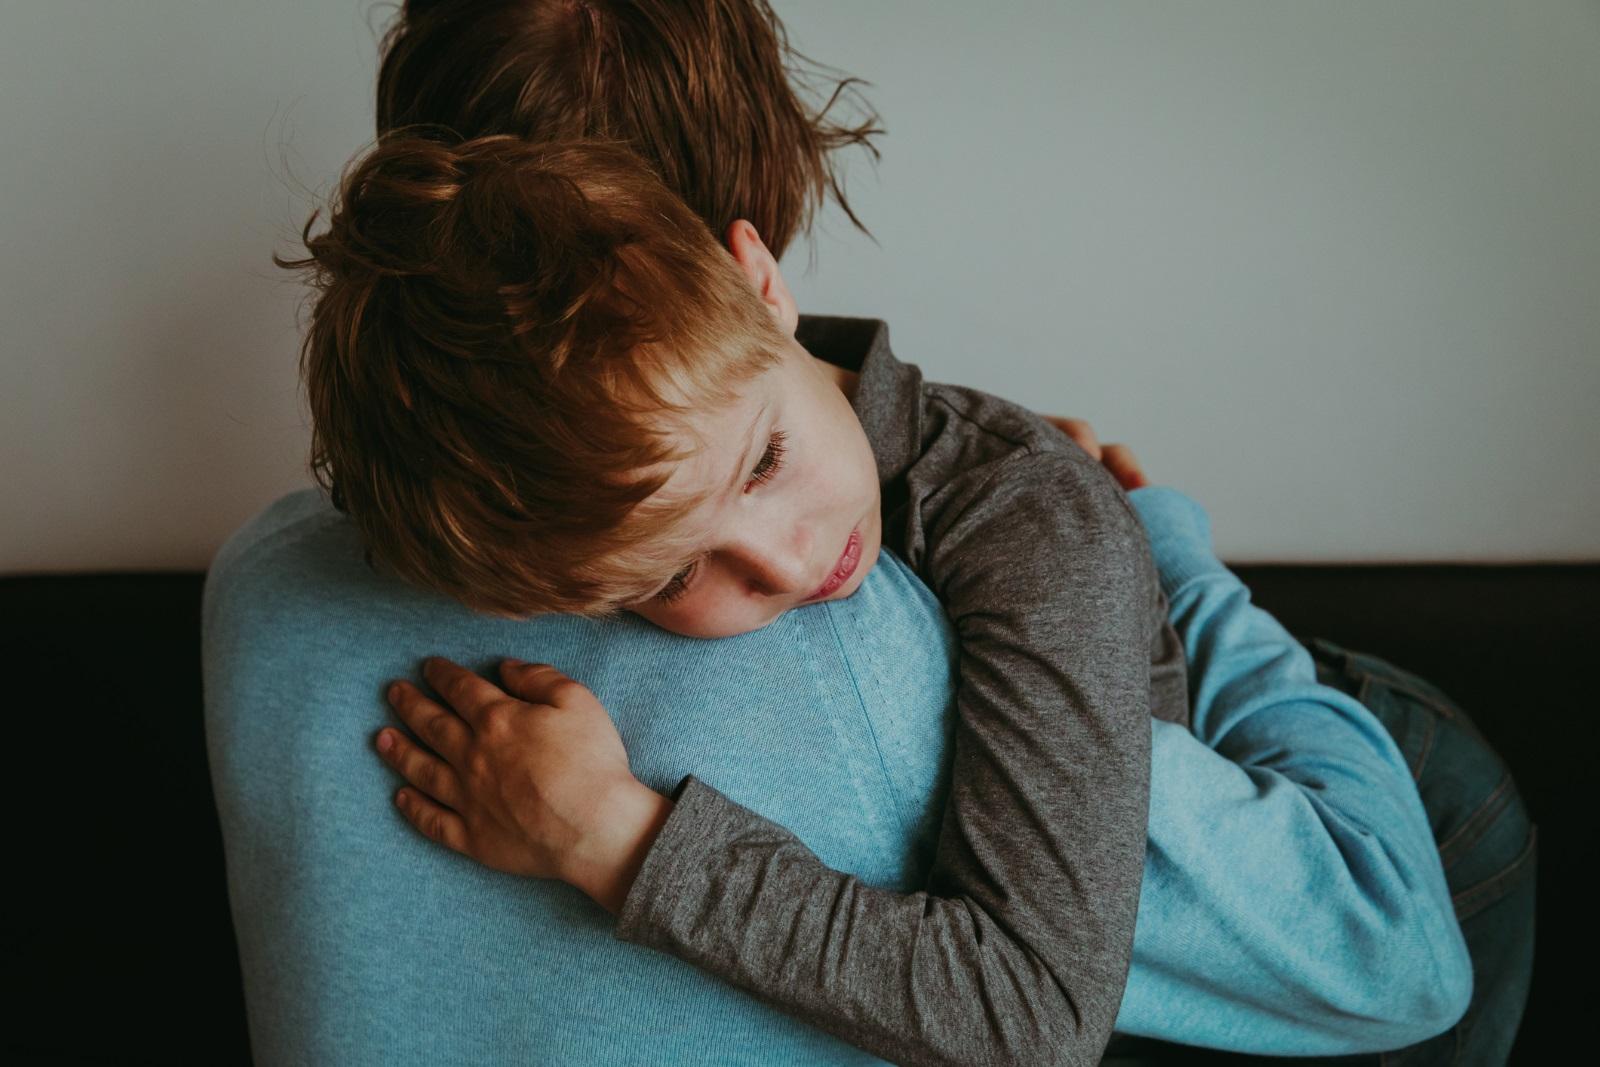 Детето Дева<br /> Някои имат нужда от кураж, защото имат толкова много потенциал! Това е детето Дева. Като последователен земен знак то ще свърши всеки детайл, с който се е заел - повярвайте, детайлите са по-важни от всичко на света. Грешките са едно от най-болезно преживяваните ситуации от тези деца. Насърчавайте ги в любимото им хоби.